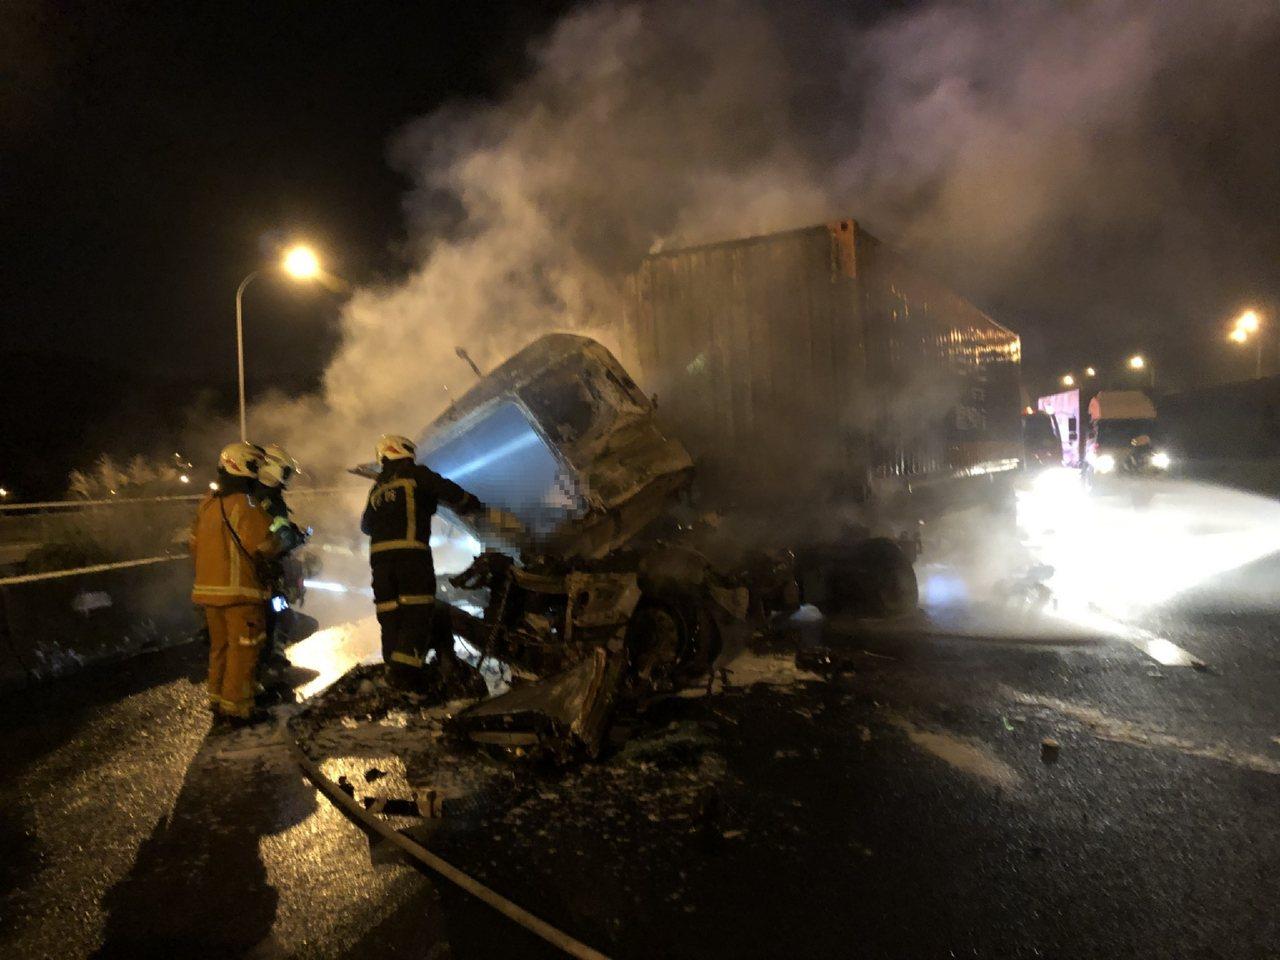 國一北上45公里處貨櫃車追撞造成2女被燒成焦屍,現場車流回堵。記者曾健祐/翻攝